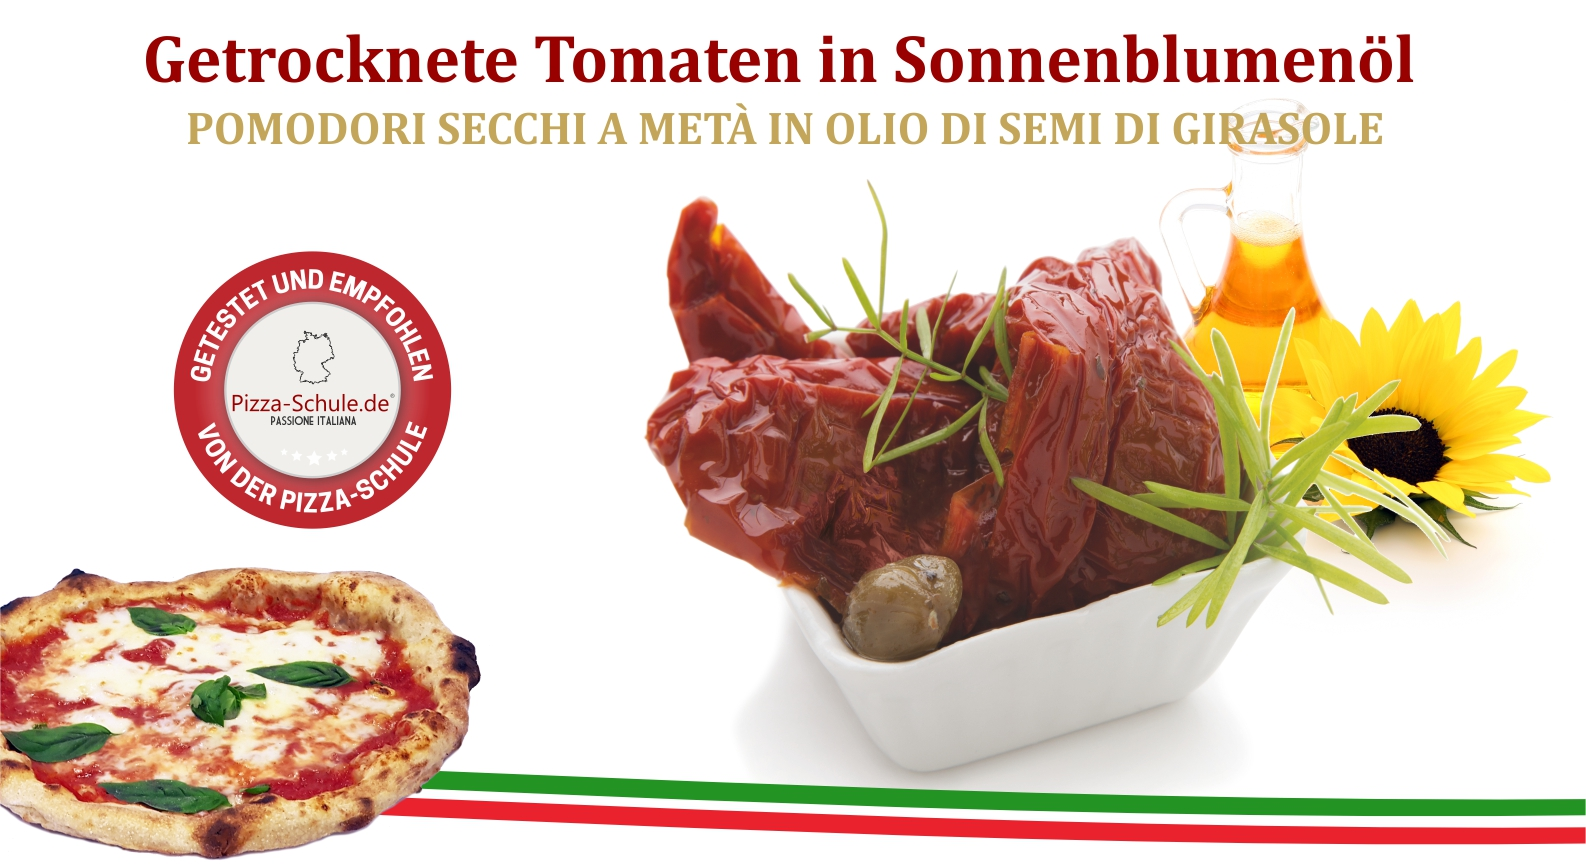 Getrocknete Tomaten in Sonnenblumenöl - Pizza-Schule